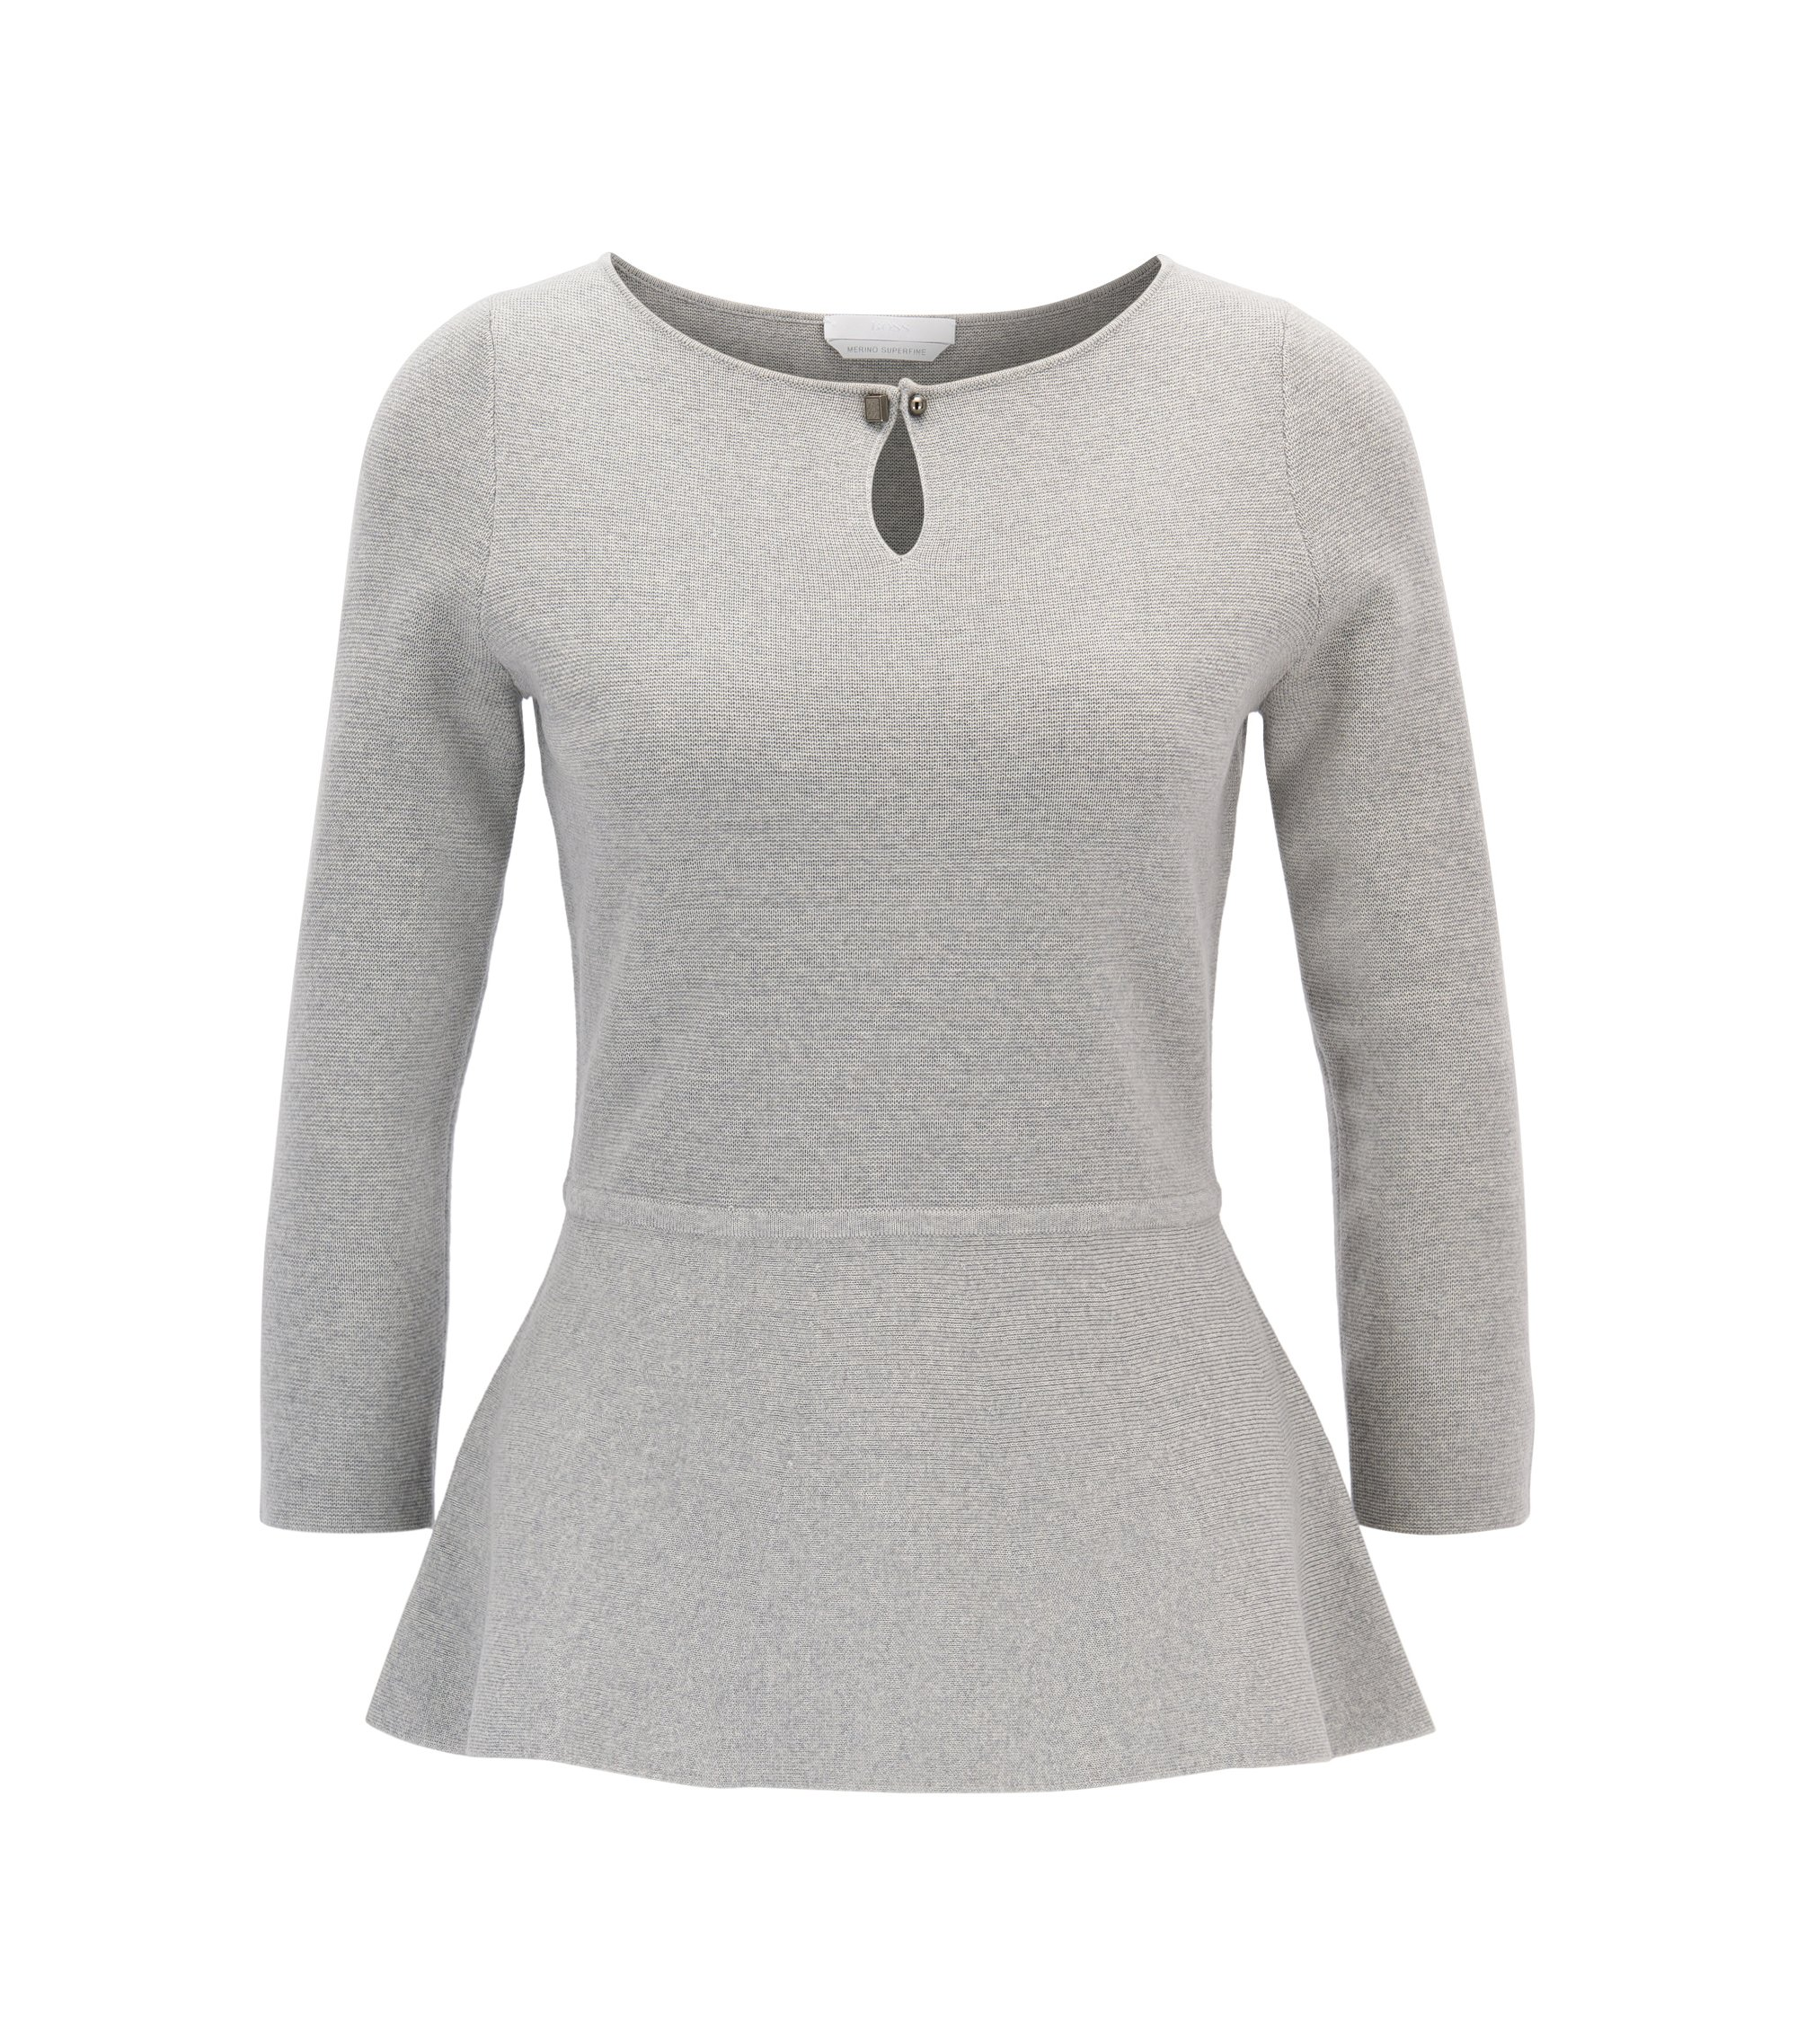 Maglione slim fit con volant in lana vergine mercerizzata , Grigio chiaro